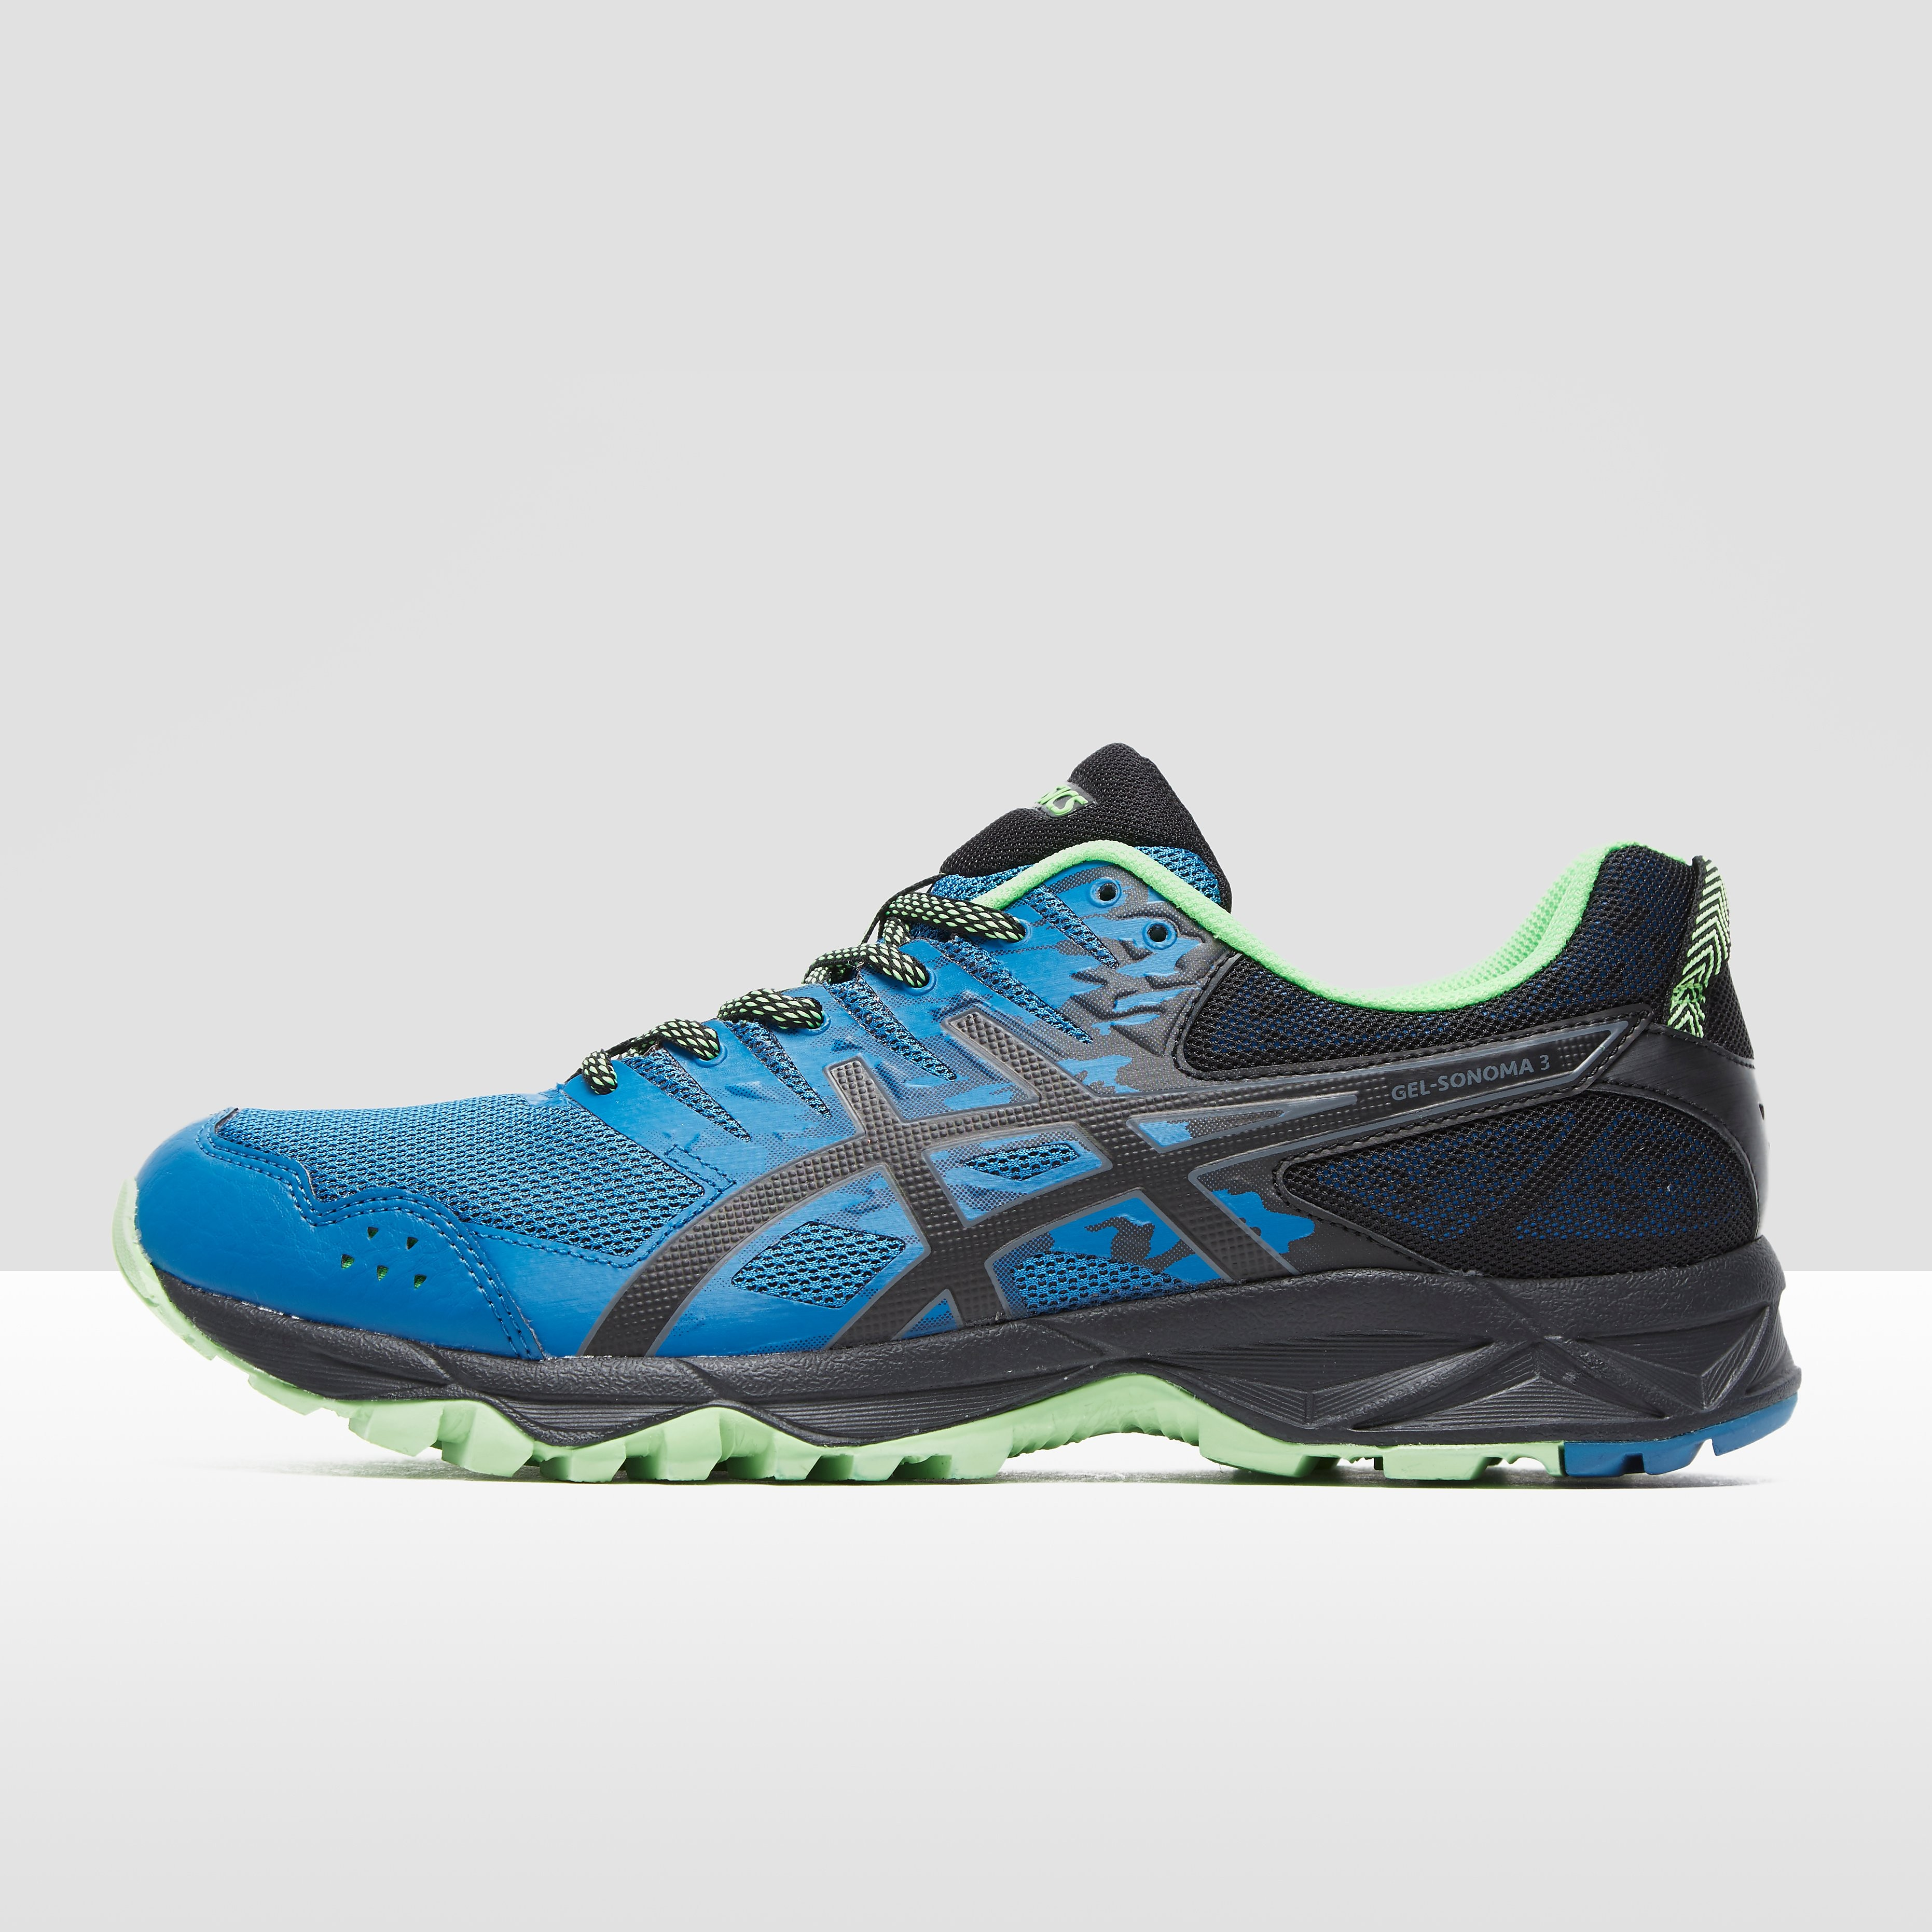 Asics Men's GEL- Sonoma 3 Trail Running Shoes